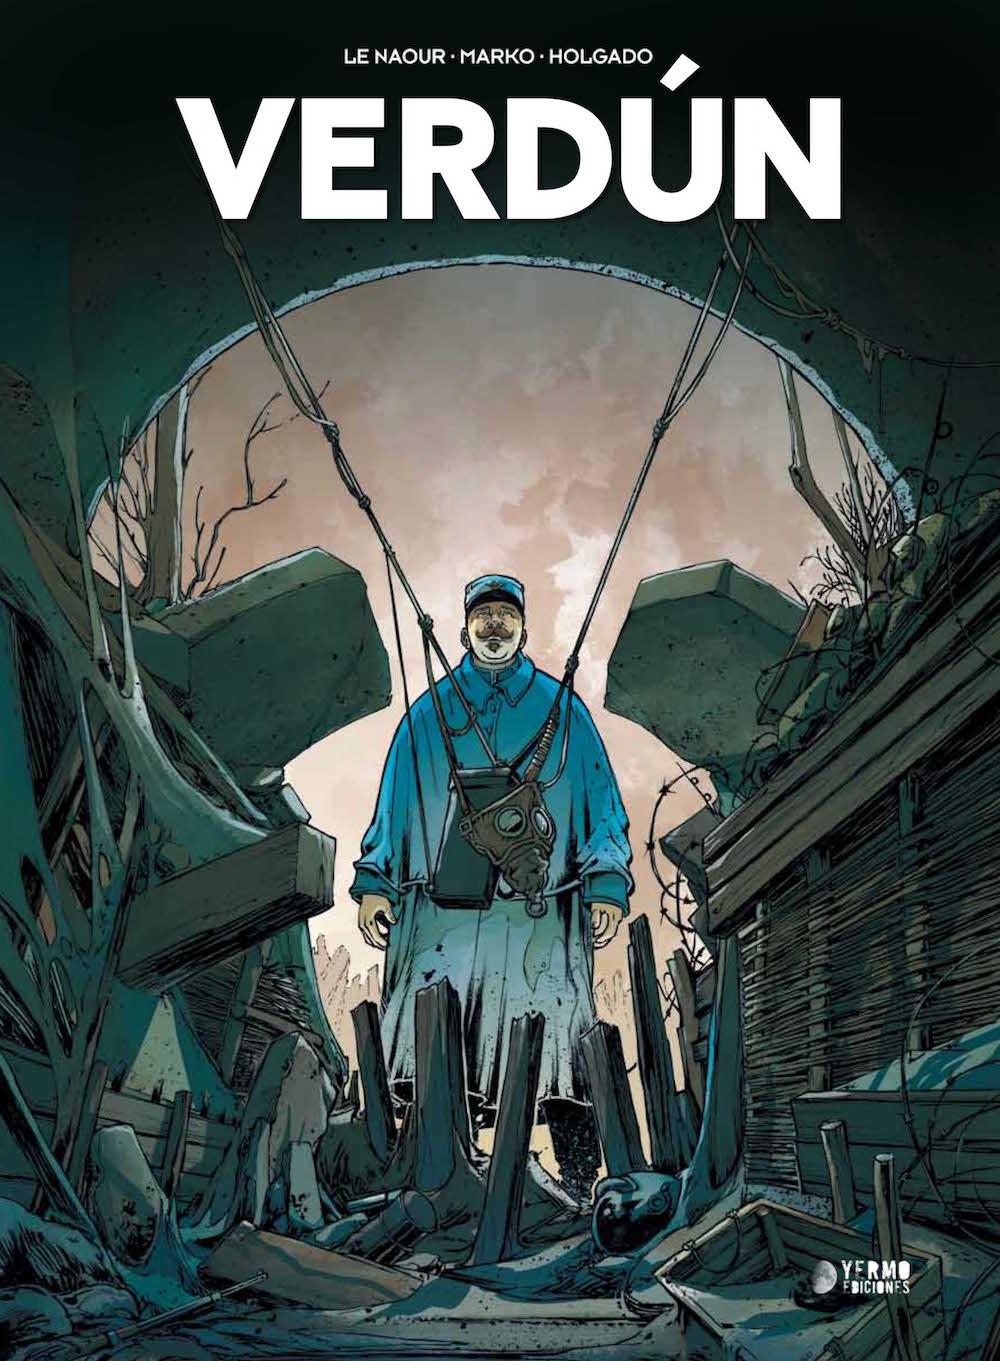 VERDUN 01 (2a EDICION)